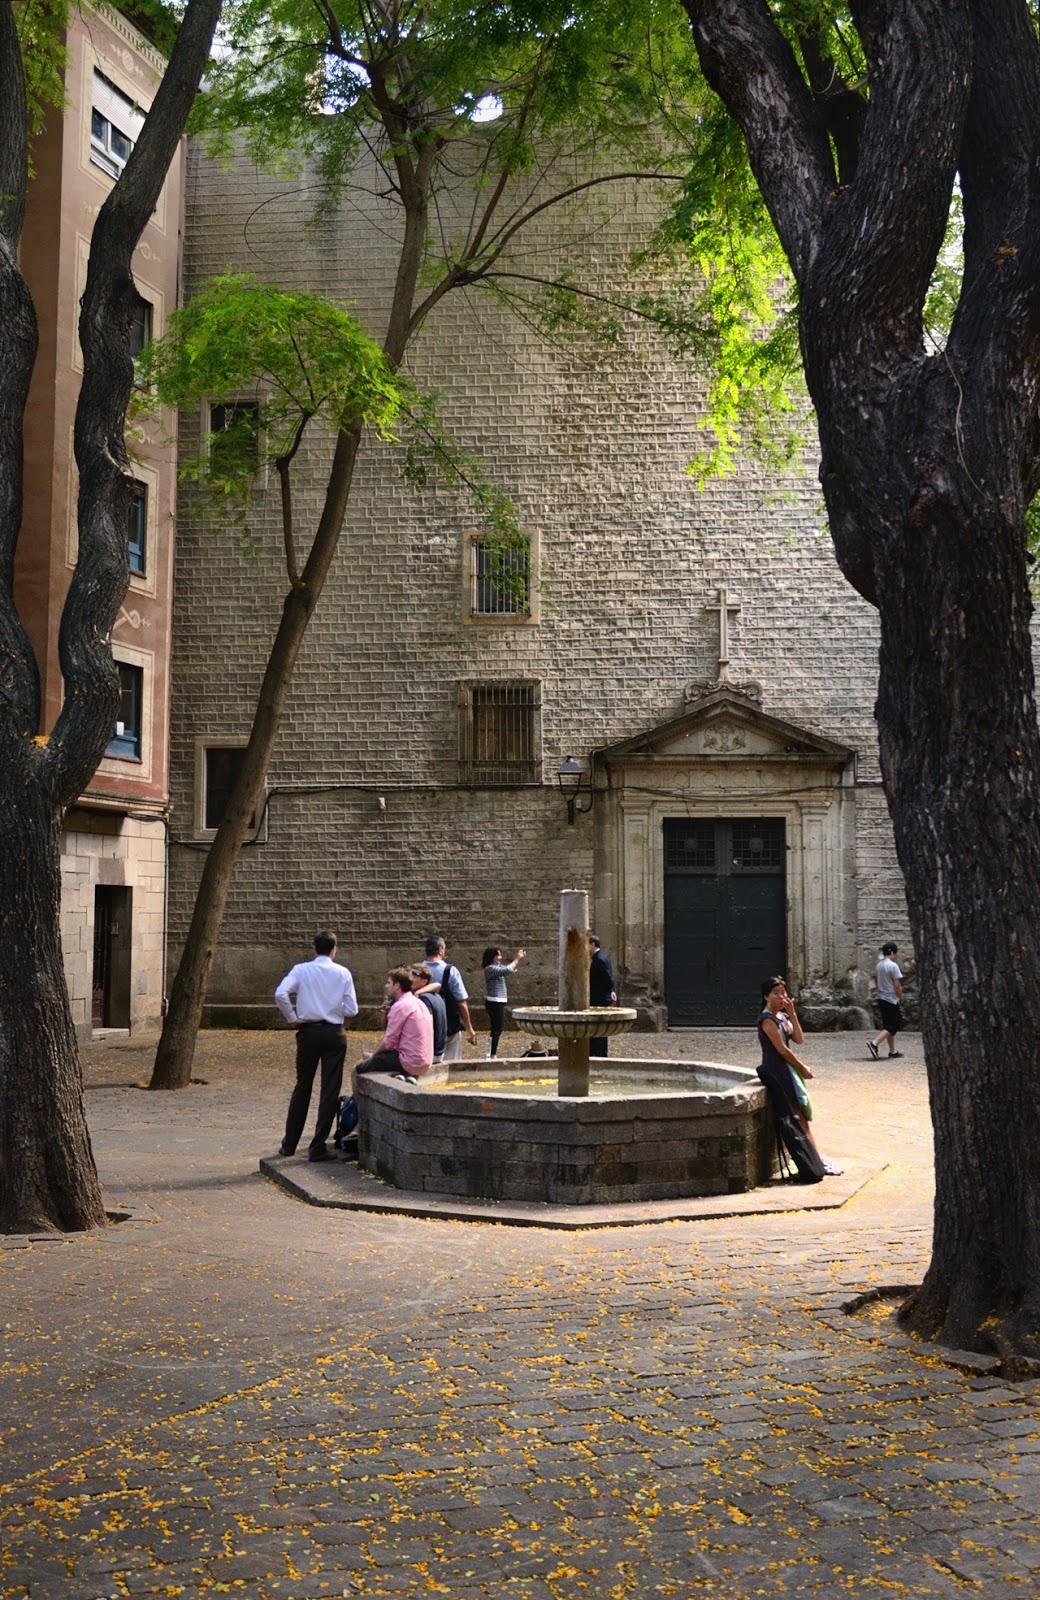 Plaza Sant Felip Neri in Barcelona